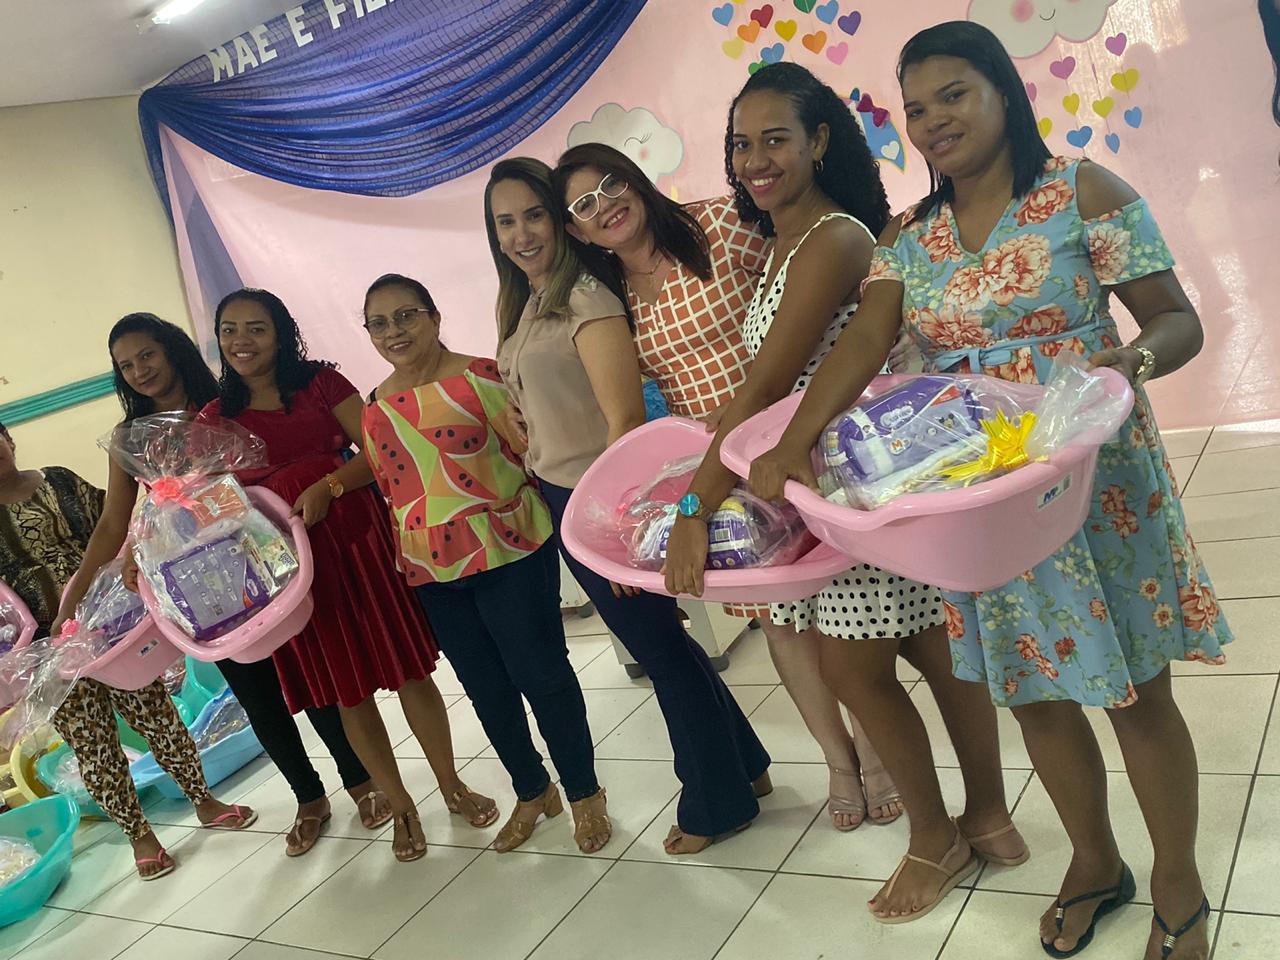 Thaiza Hortegal participa de entrega de kit enxoval e anuncia ampliação de rede de assistência a famílias em Pinheiro